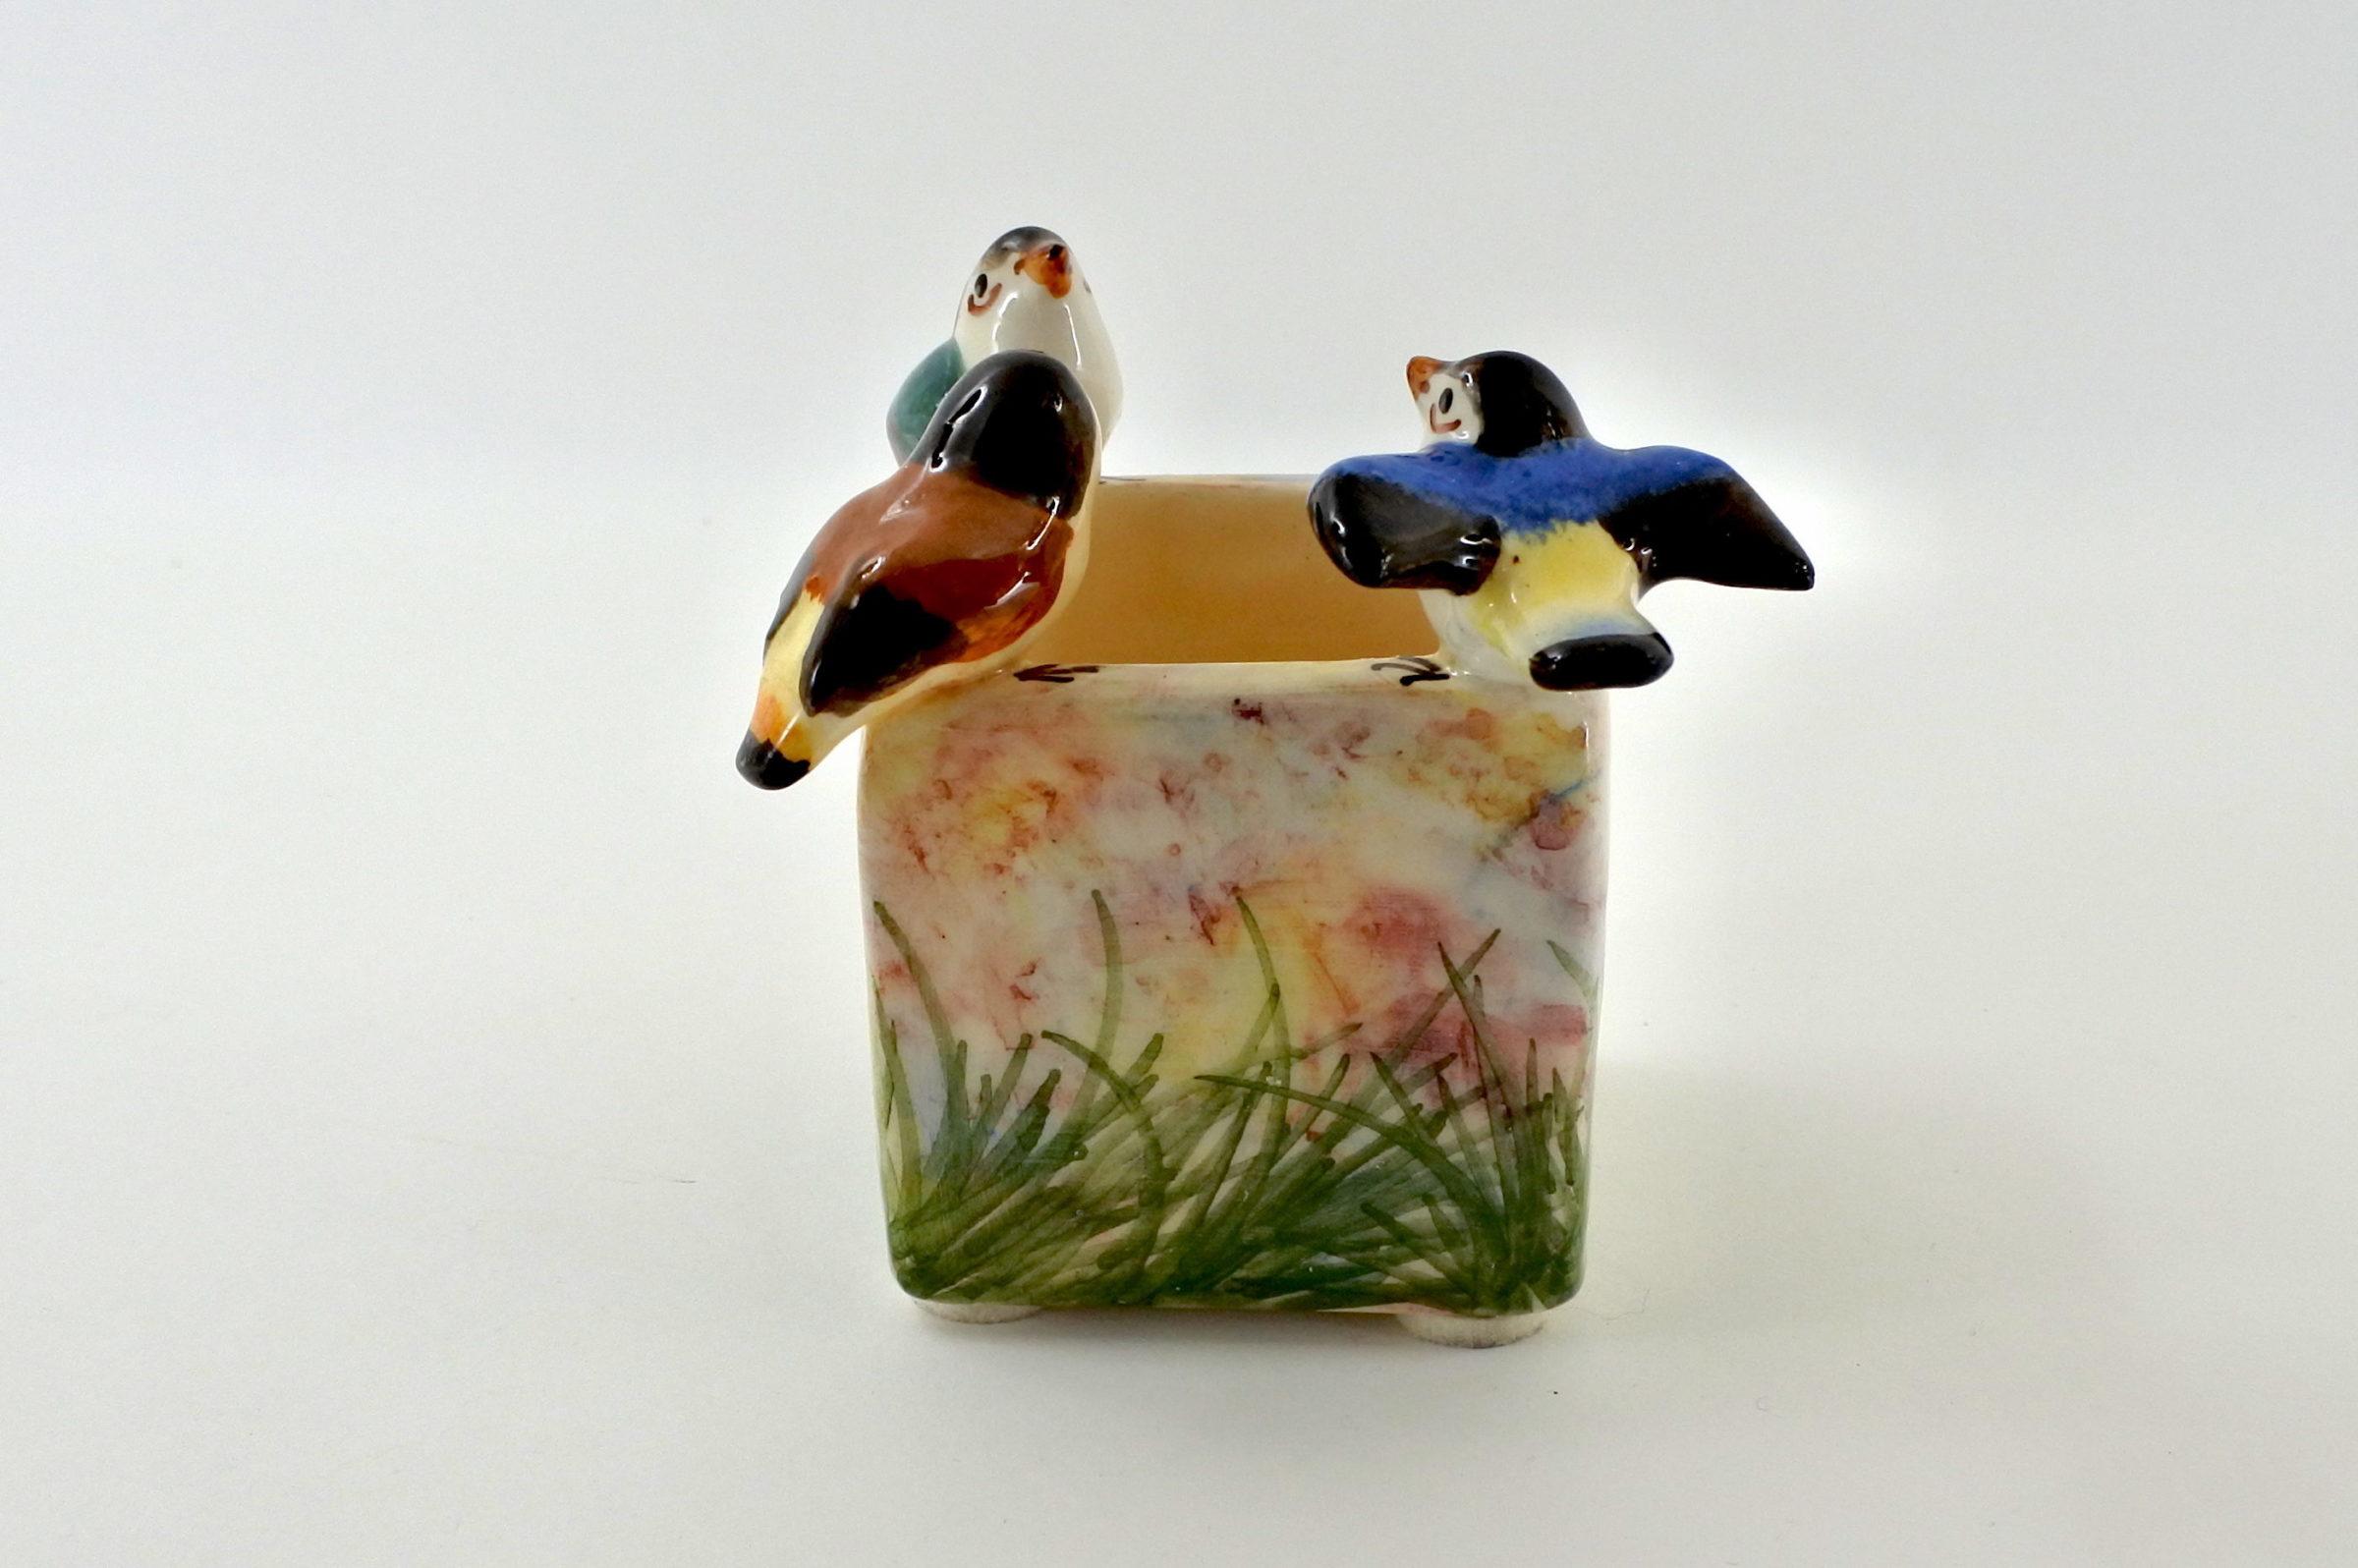 Piccola jardinière Massier in ceramica barbotine con uccellini - 4